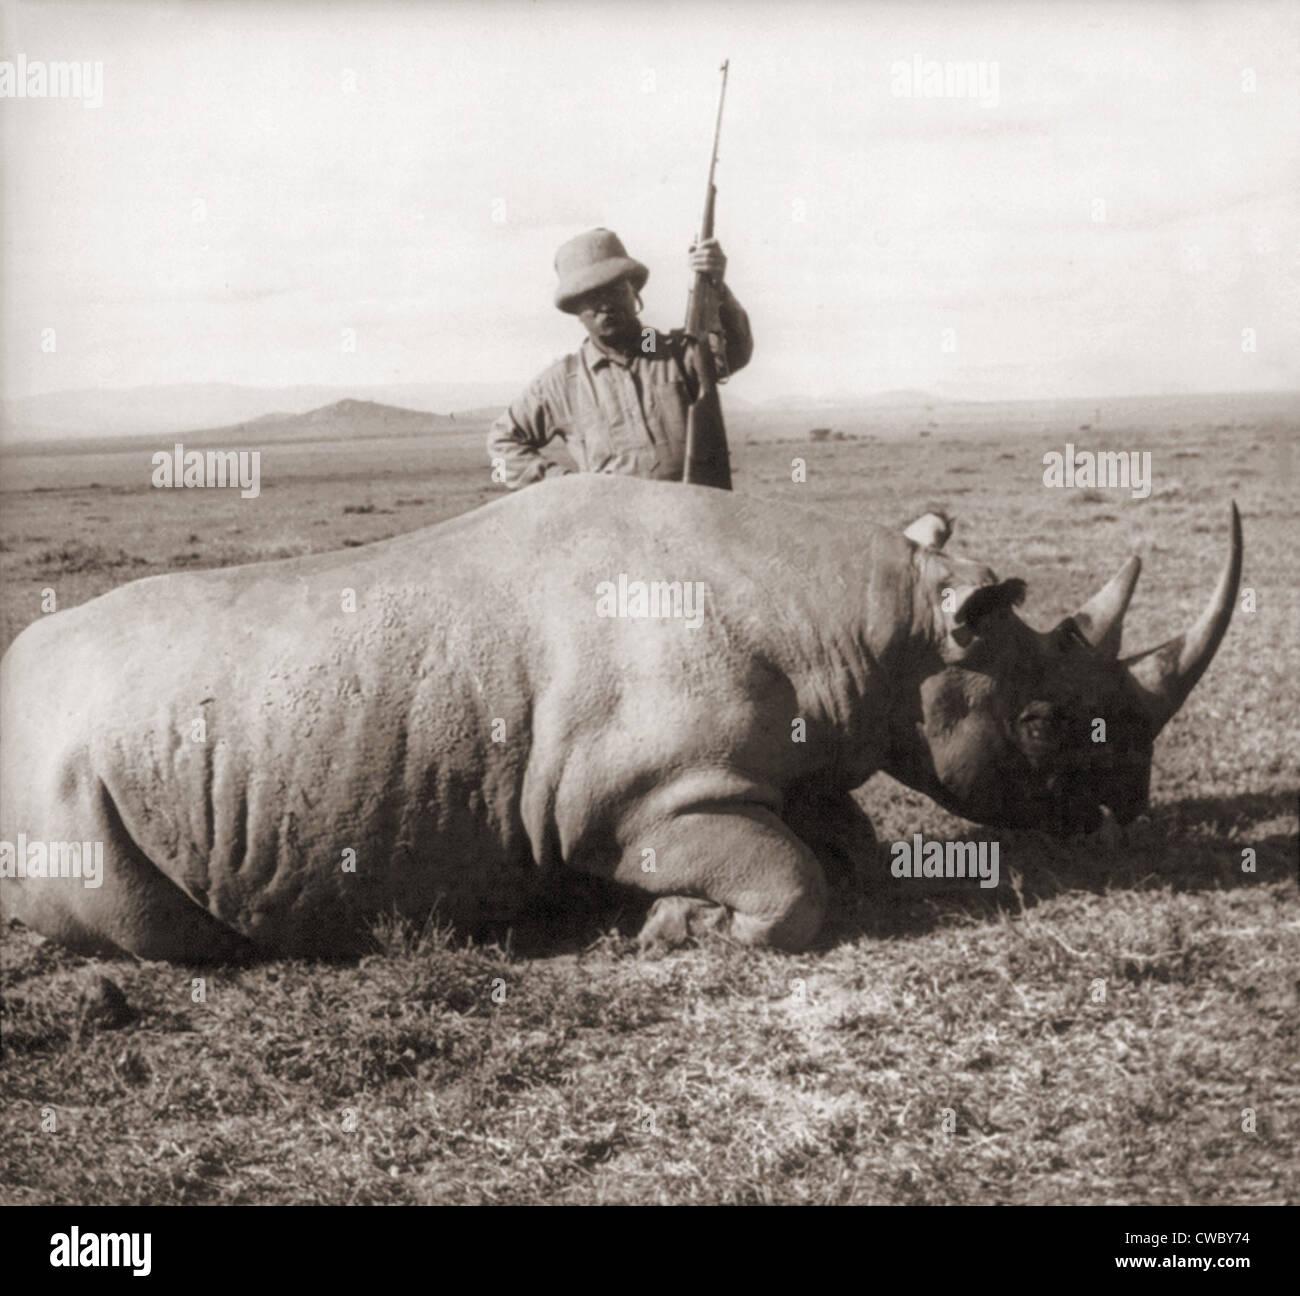 El ex Presidente, Theodore Roosevelt, en África detrás de Rhino y celebración rifle muerta ca. 1909. Imagen De Stock